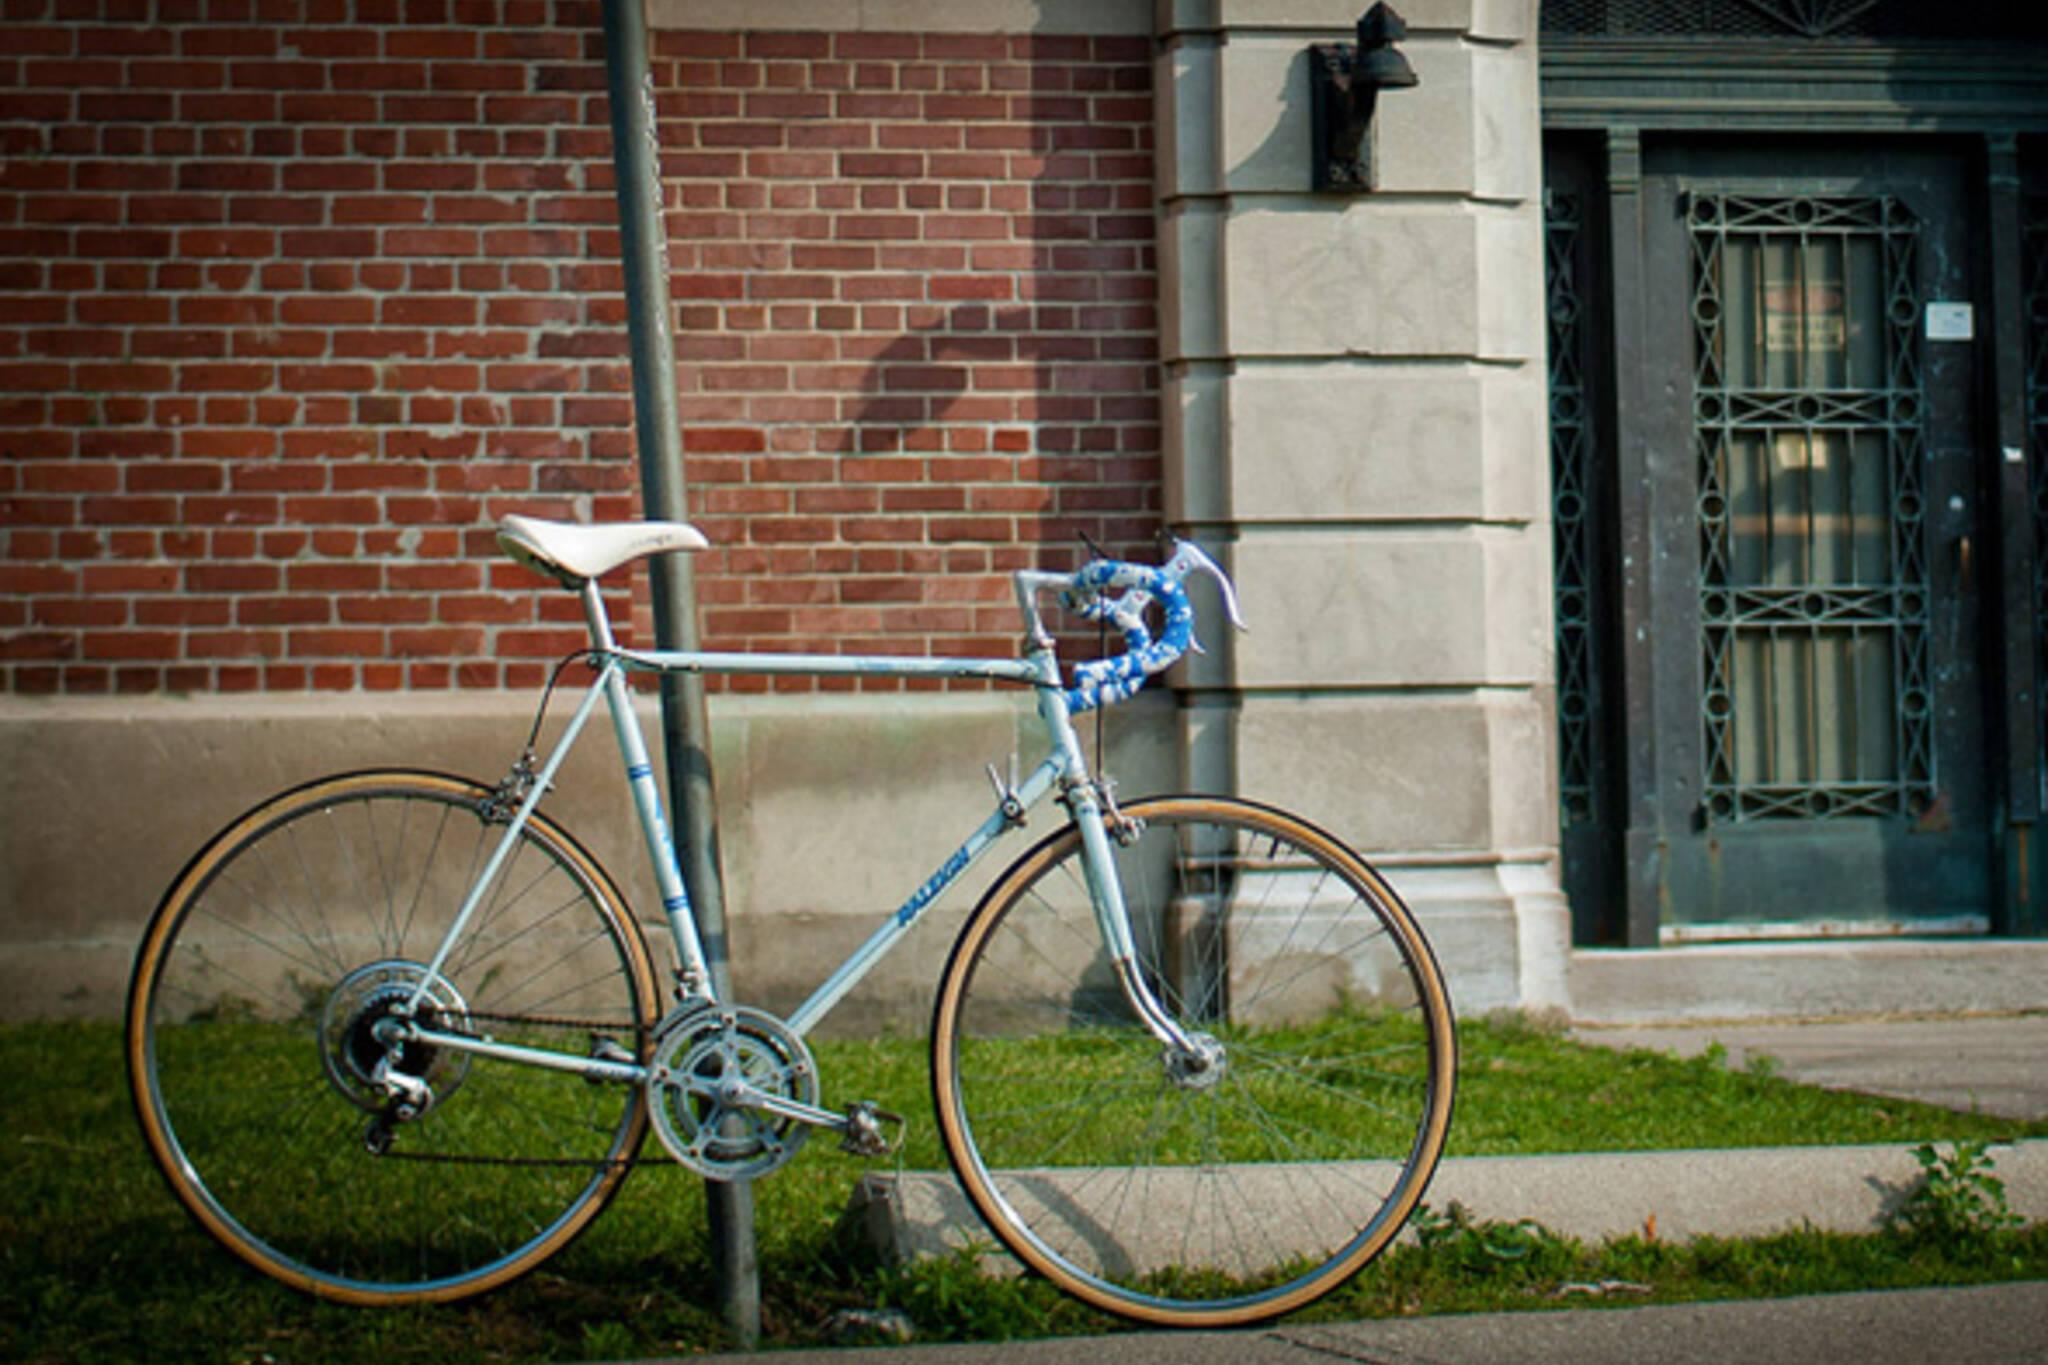 illegal bike parking Toronto